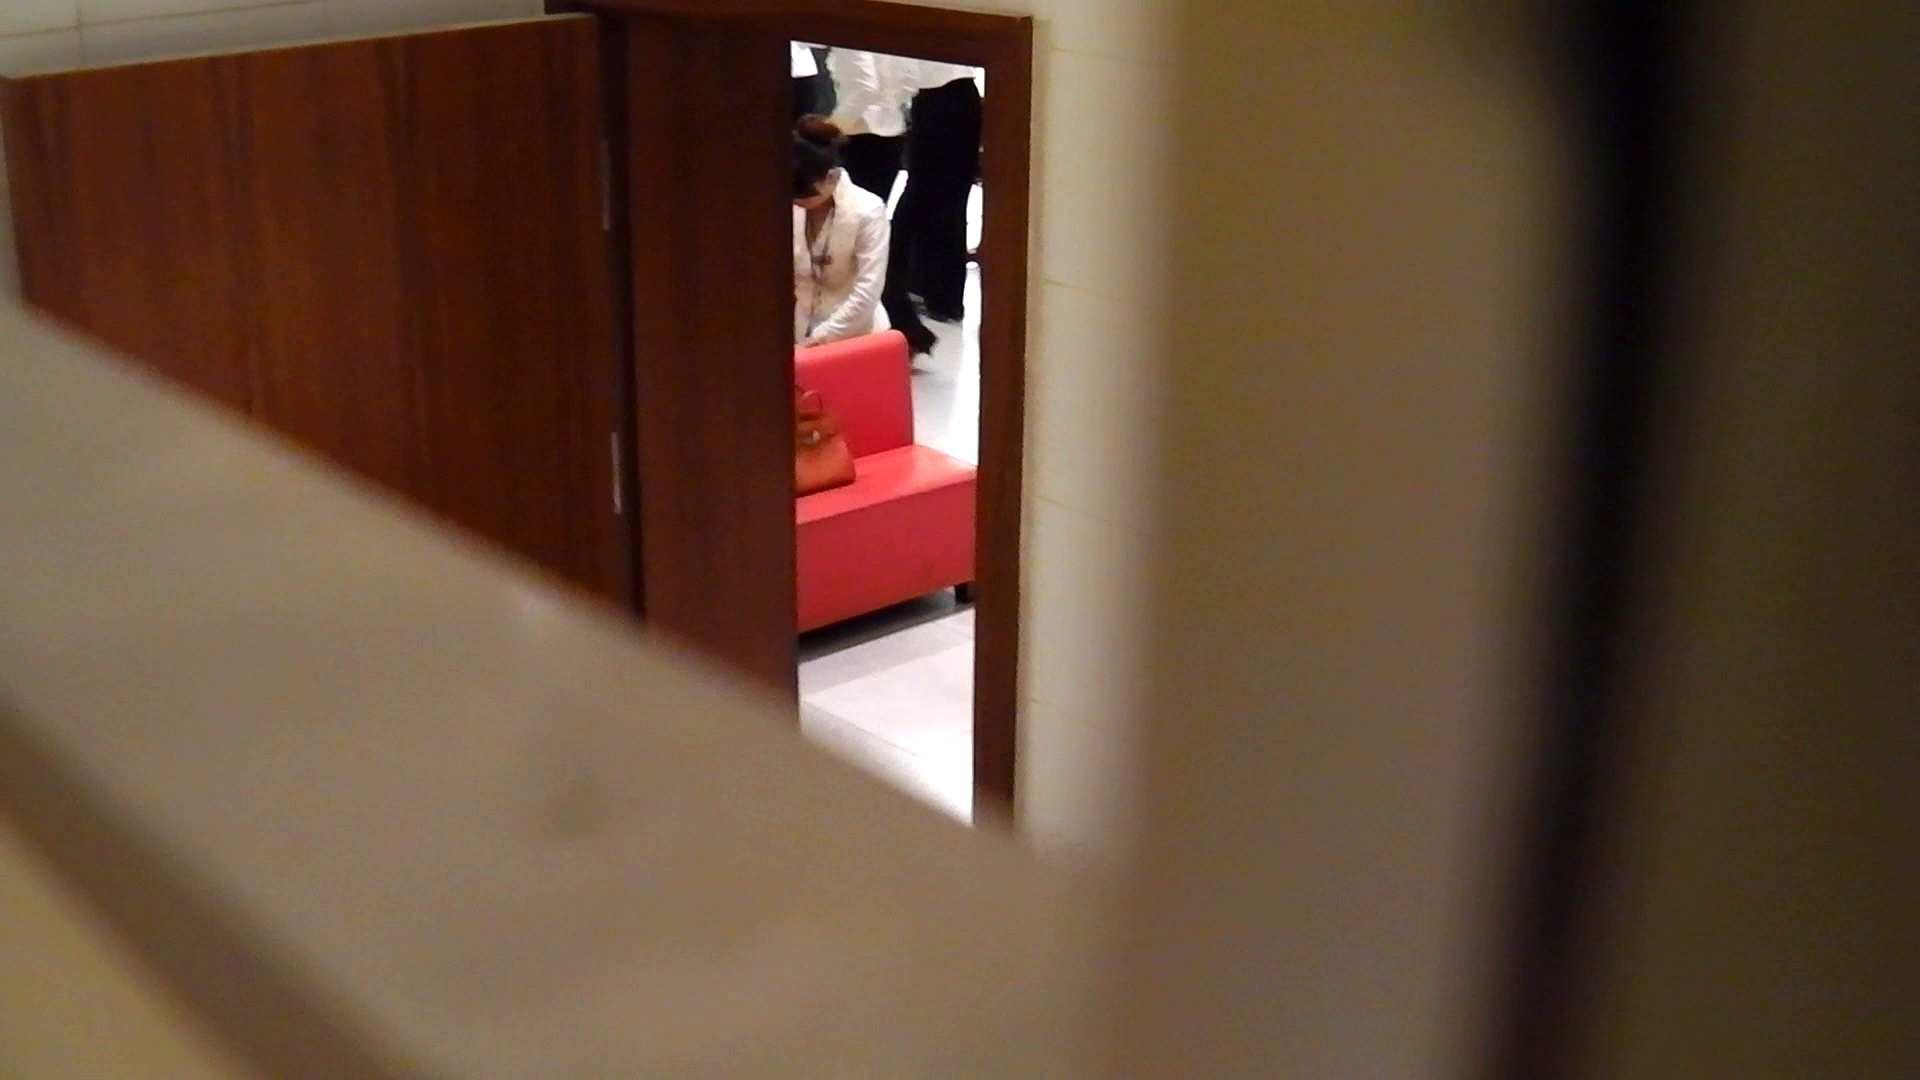 洗寿観音さんの 化粧室は四面楚歌Nol.3 洗面所  51PIX 36